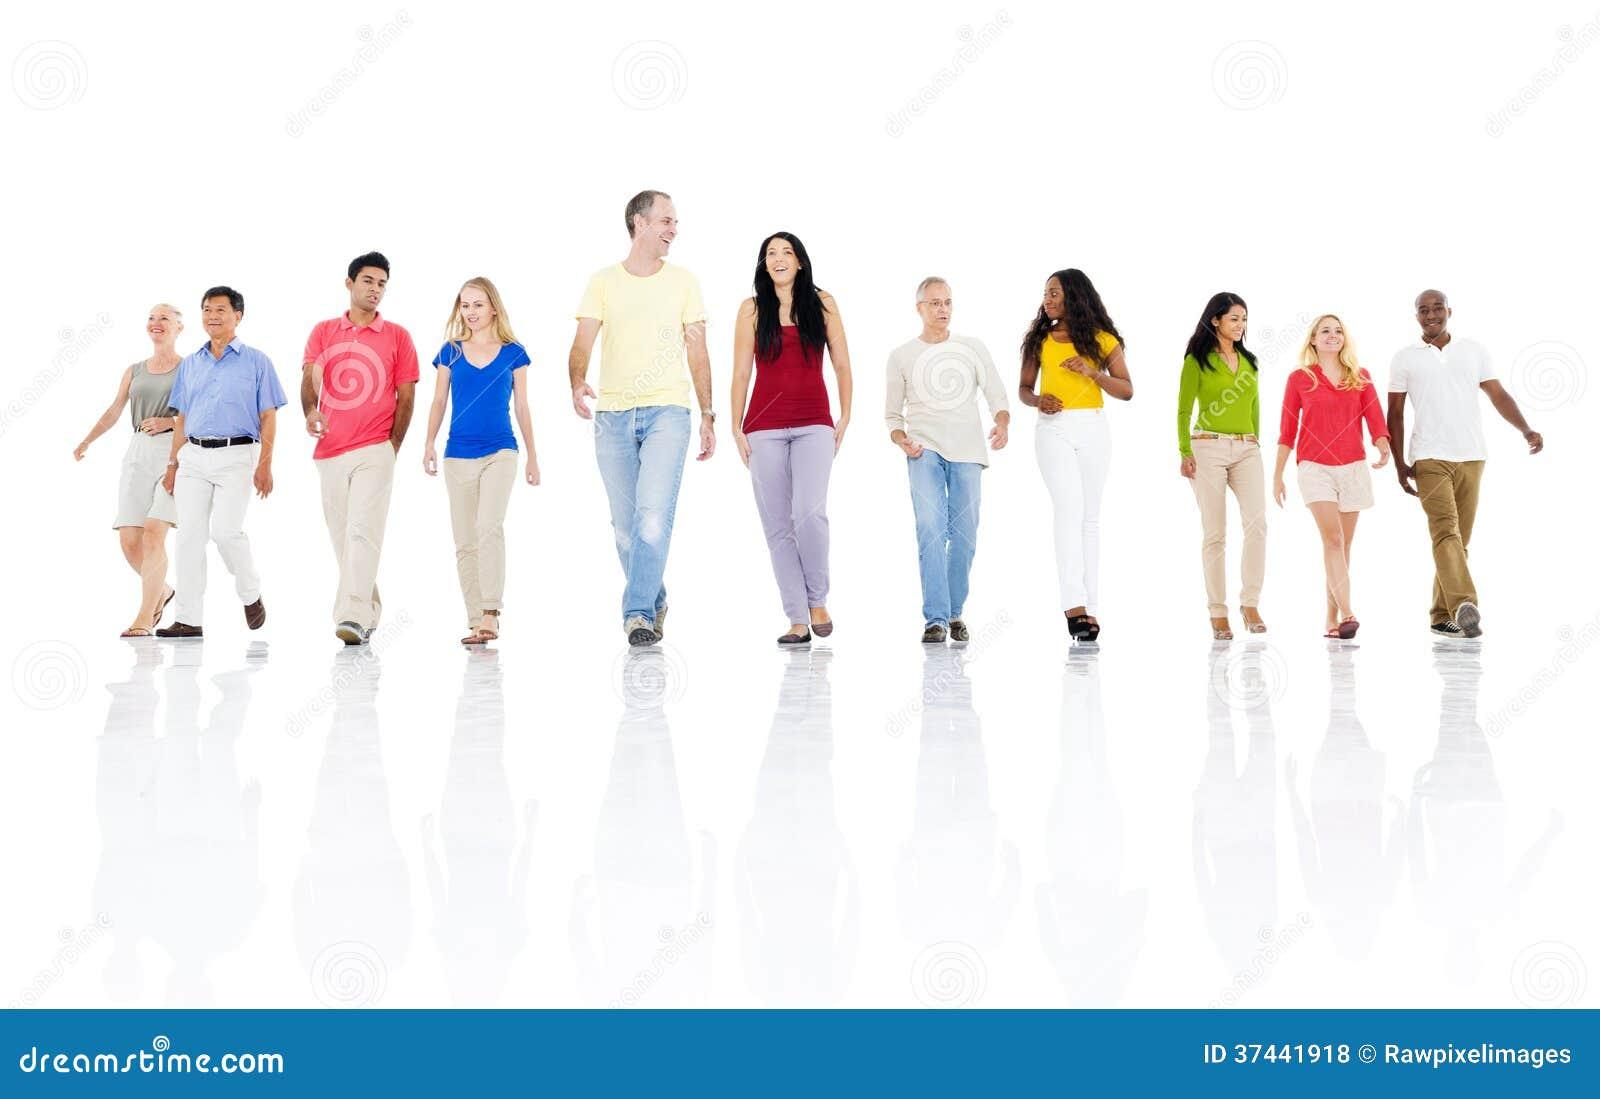 一起前进大小组不同种族的人民